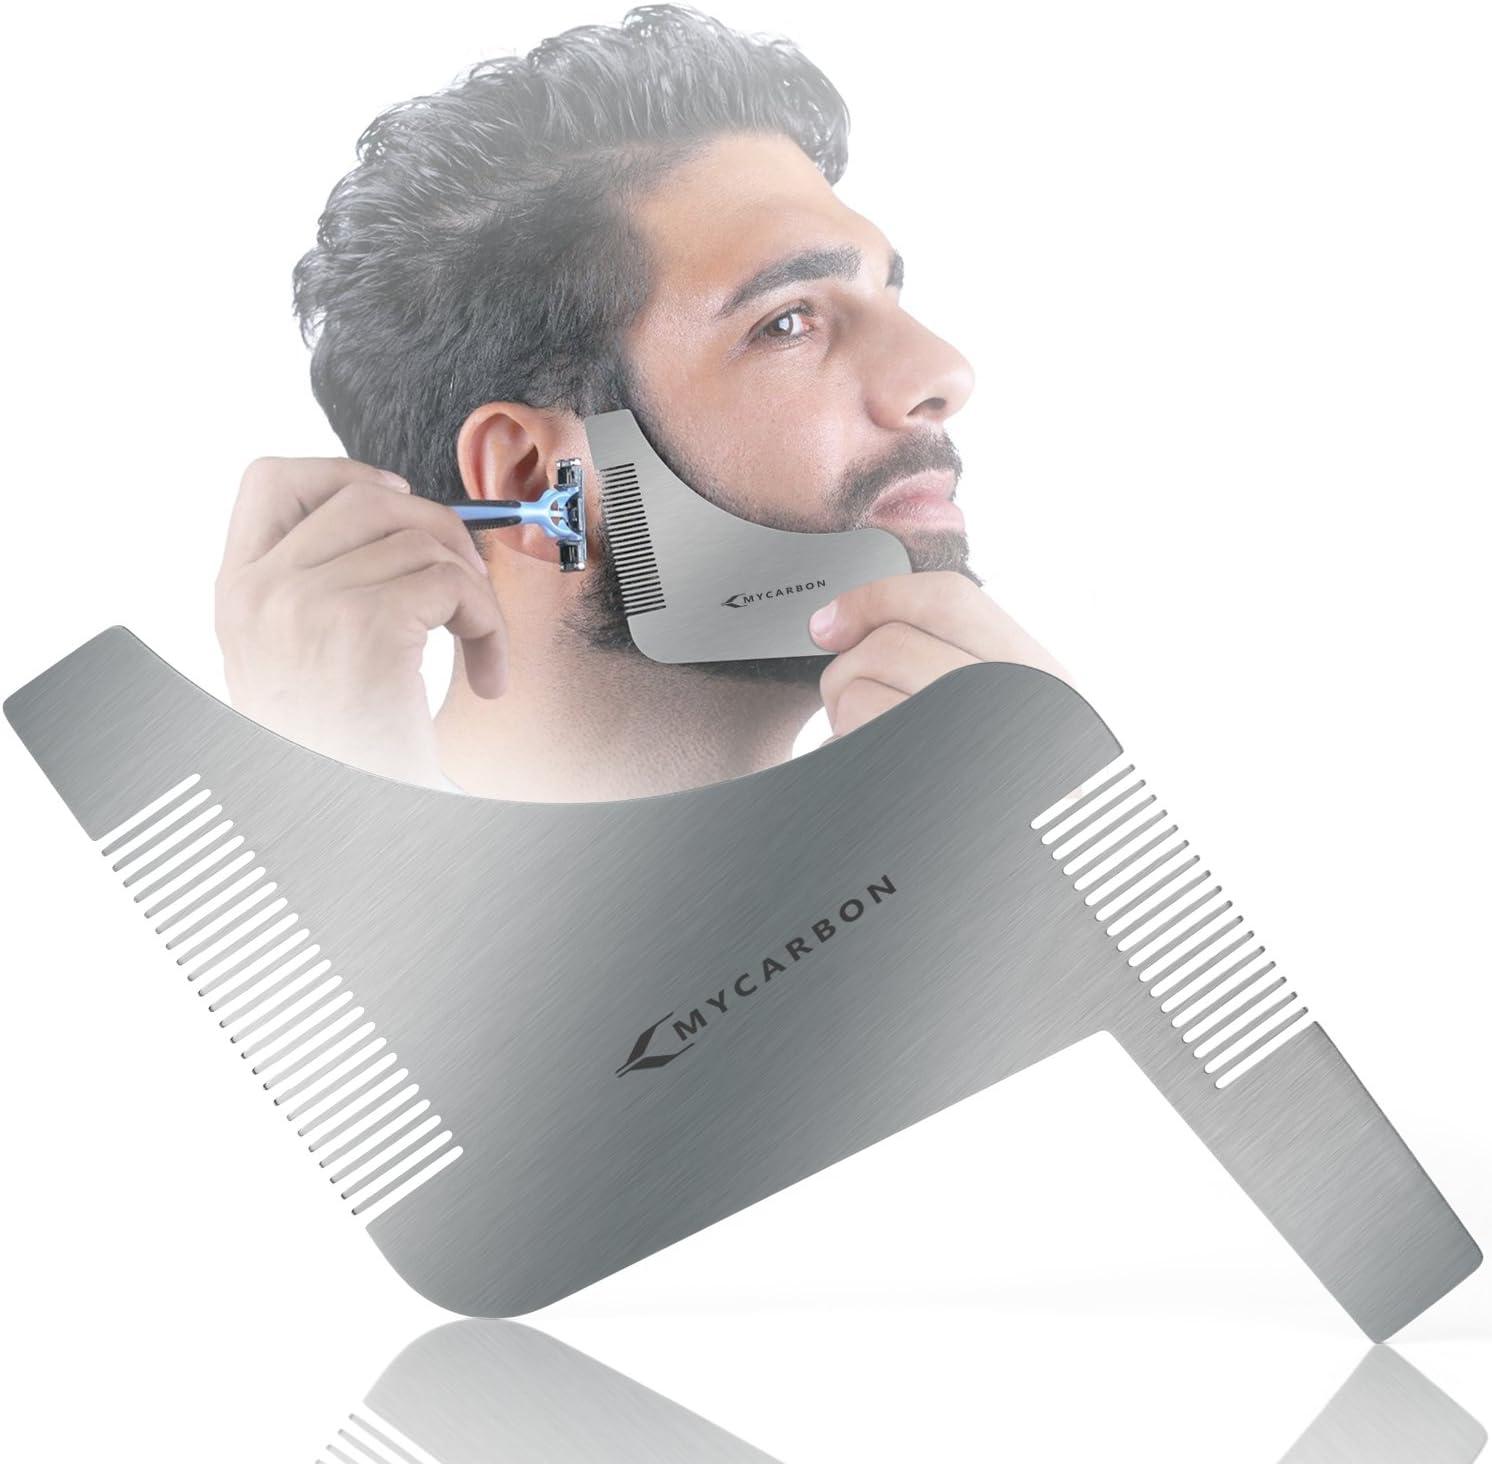 MYCARBON Peine de Barba Plantilla de Barba Herramienta de Formación de Barba Adecuado para Todos los Peines que Forman Barba La Barba Tiene Forma de Recortador de Barba o Razor Regalo Hombre